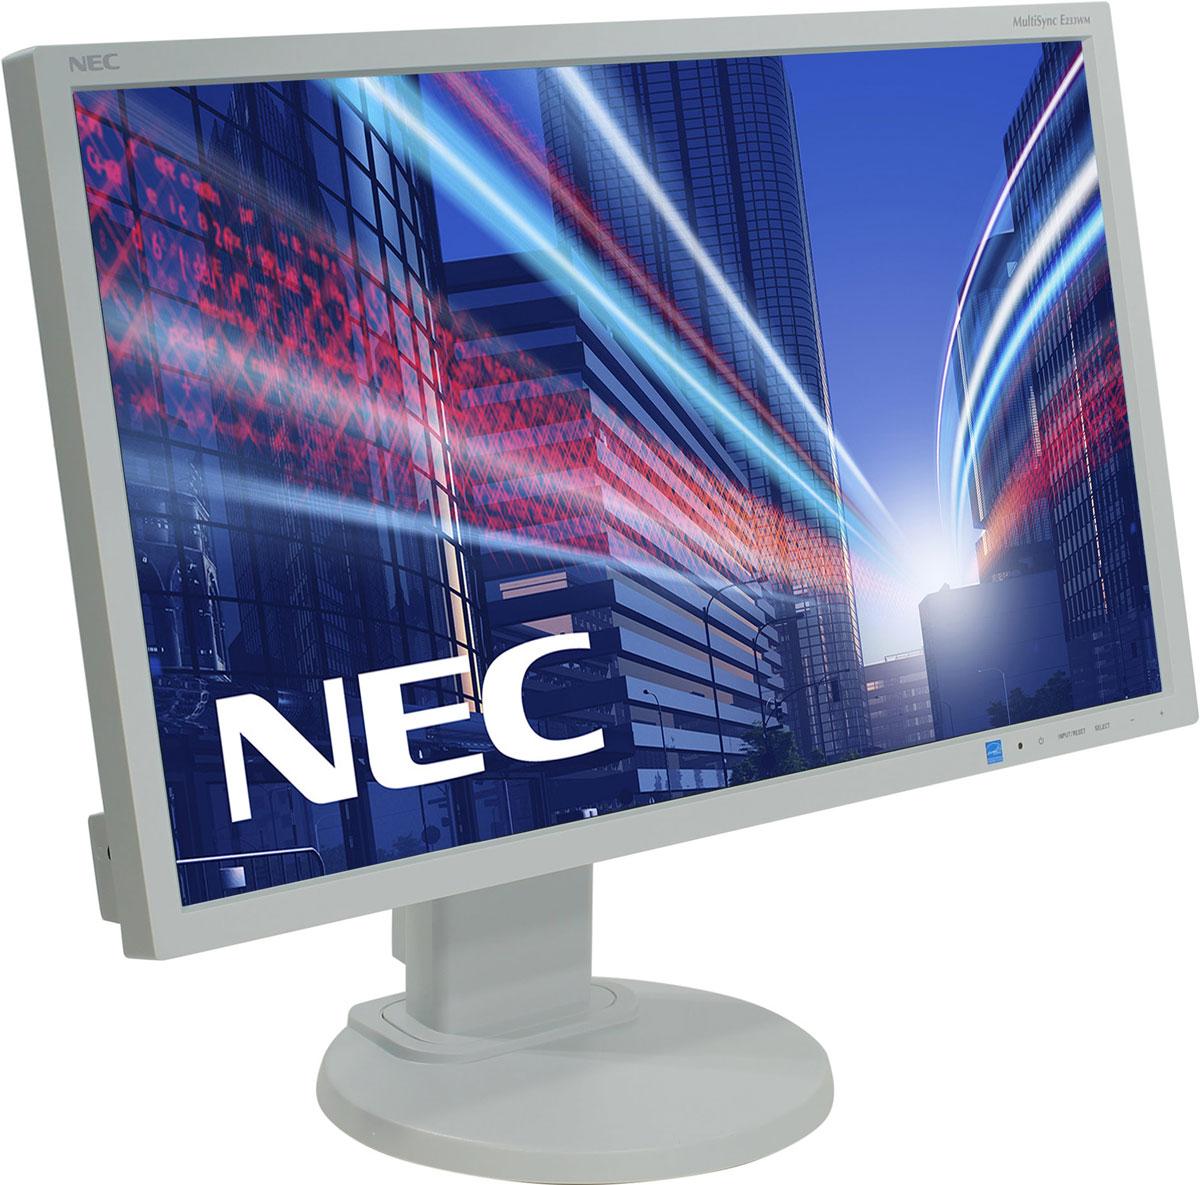 NEC E233WM, White мониторE233WMНастройка монитора NEC E233WM согласно вашим индивидуальным предпочтениям еще никогда не была такой простой, быстрой и эффективной. Высокая эргономическая гибкость, например, регулировка по высоте, изменение угла наклона и возможность поворота, а также вертикальная и горизонтальная ориентация монитора, создает более удобные и продуктивные условия для работы.Активная антибликовая поверхность экрана монитора обеспечивает удобочитаемое и приятное для глаз качество изображения, предоставляя лучшее исполнение для лучших результатов в работе, благотворные впечатления от просмотра и удовлетворенность пользователей дисплея. Благодаря сокращению энергопотребления в режиме Eco на 50 % дисплей E233WM защищает не только окружающую среду от вредного воздействия, но и ваш кошелек от лишних затрат.